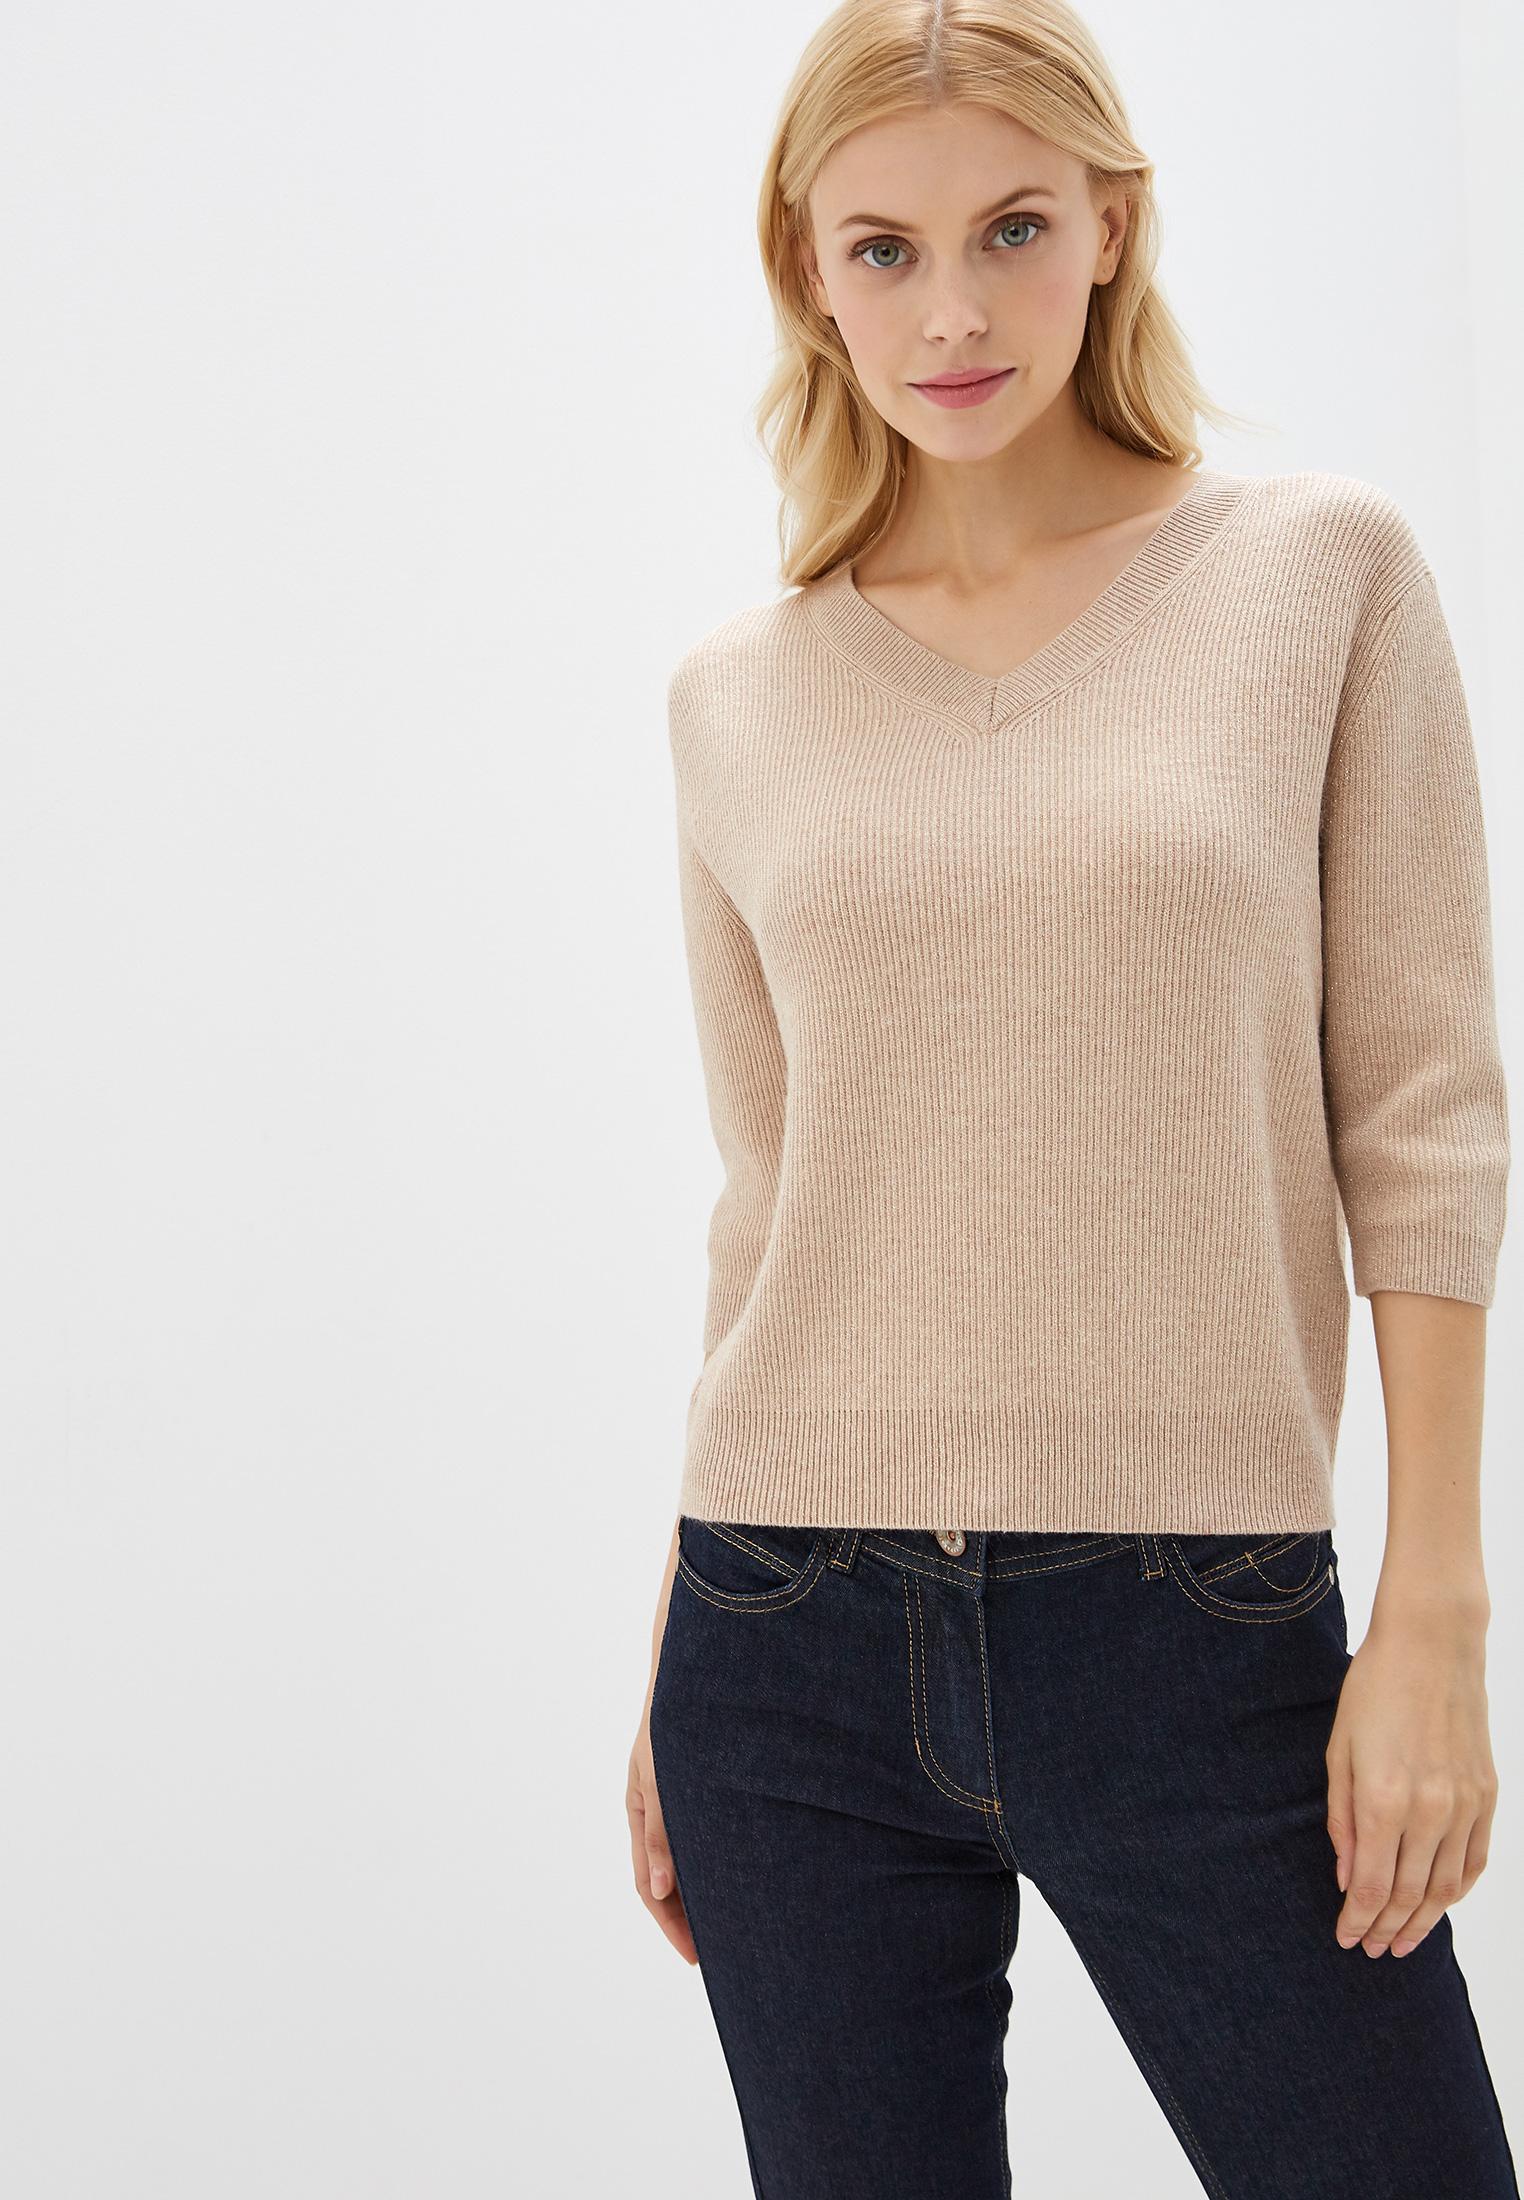 Пуловер, Lusio, цвет: бежевый. Артикул: LU018EWGRFS7. Одежда / Джемперы, свитеры и кардиганы